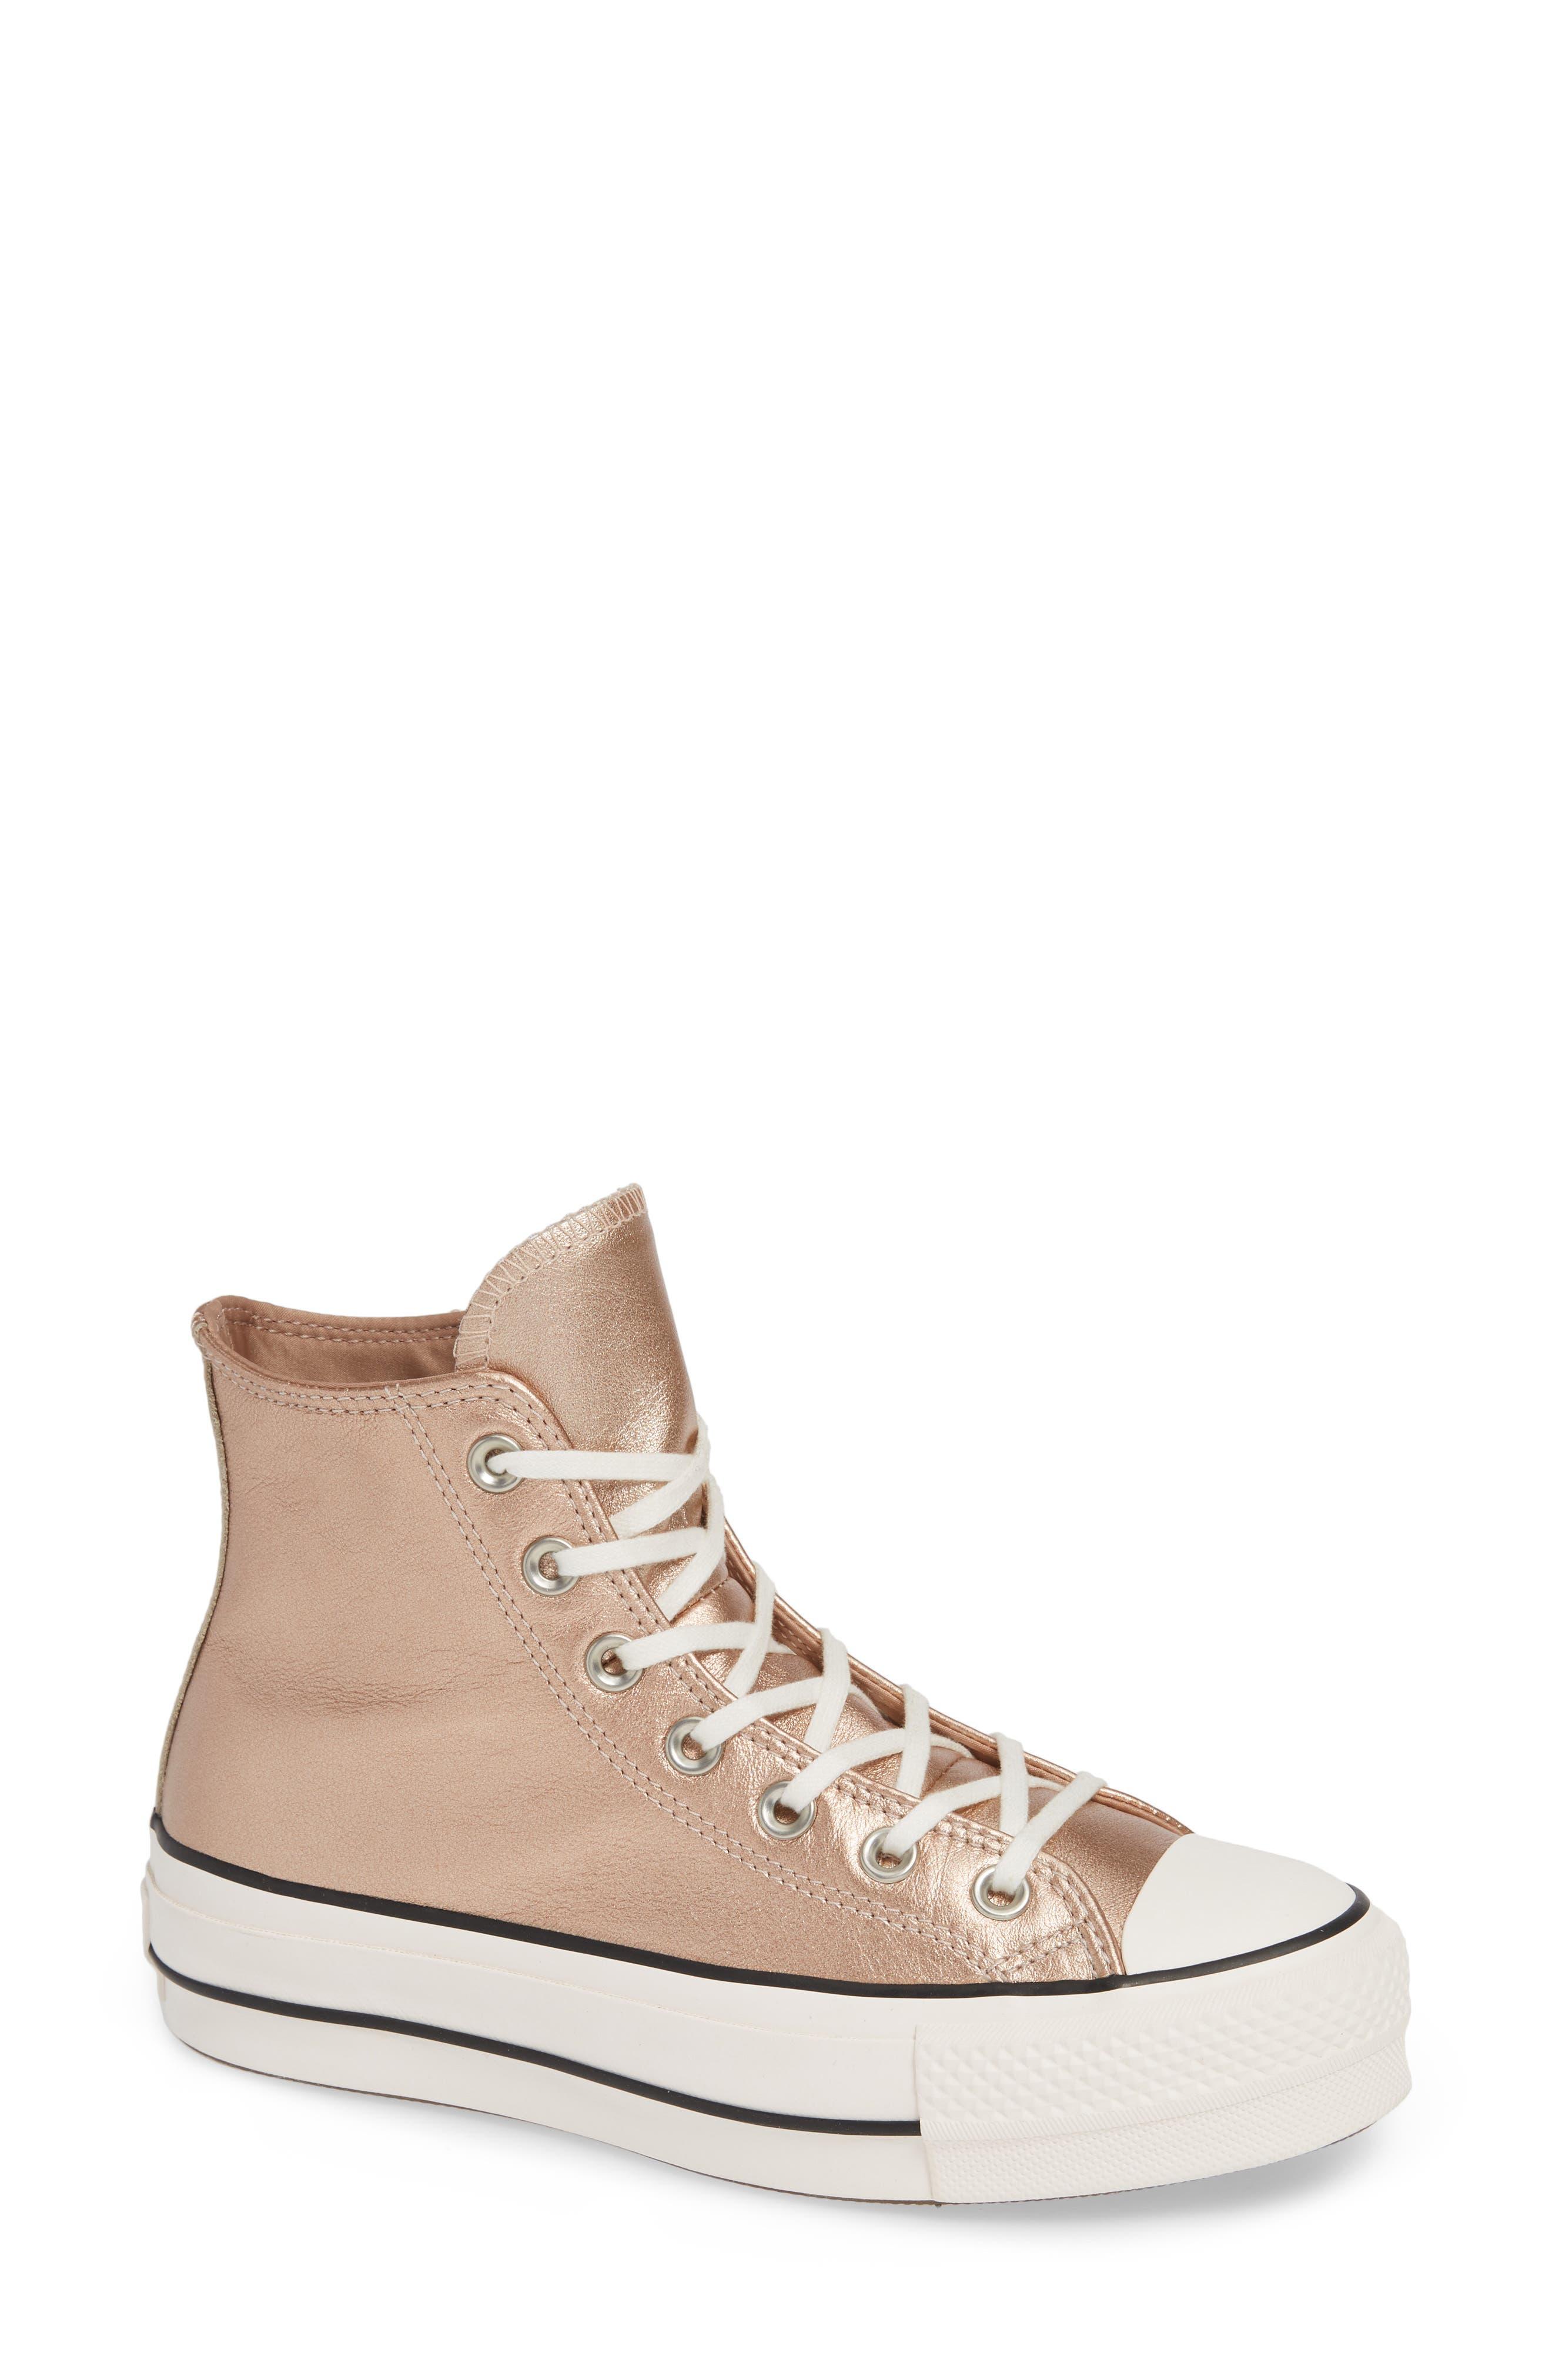 Converse | Platform High Top Sneaker